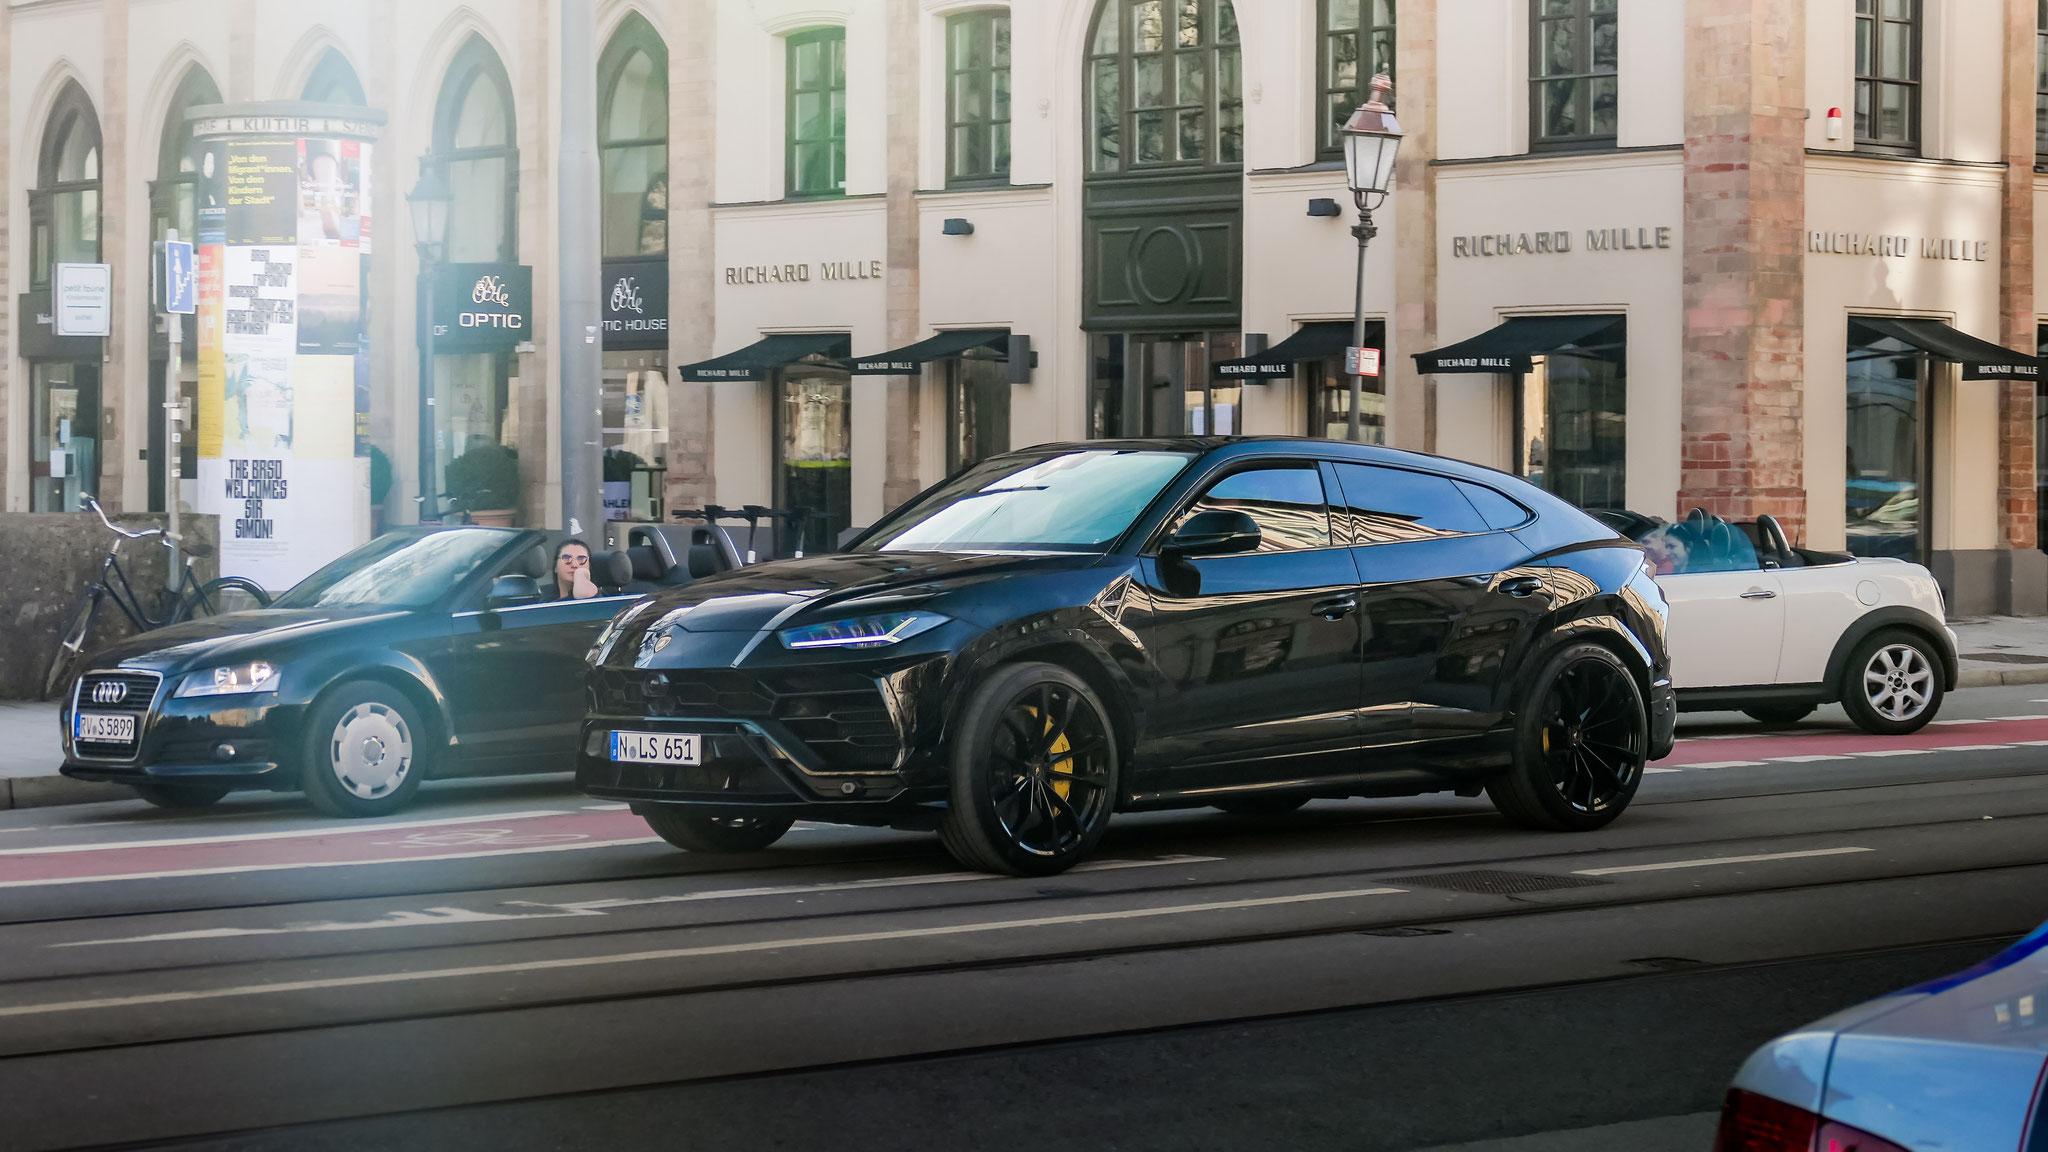 Lamborghini Urus - N-LS-651